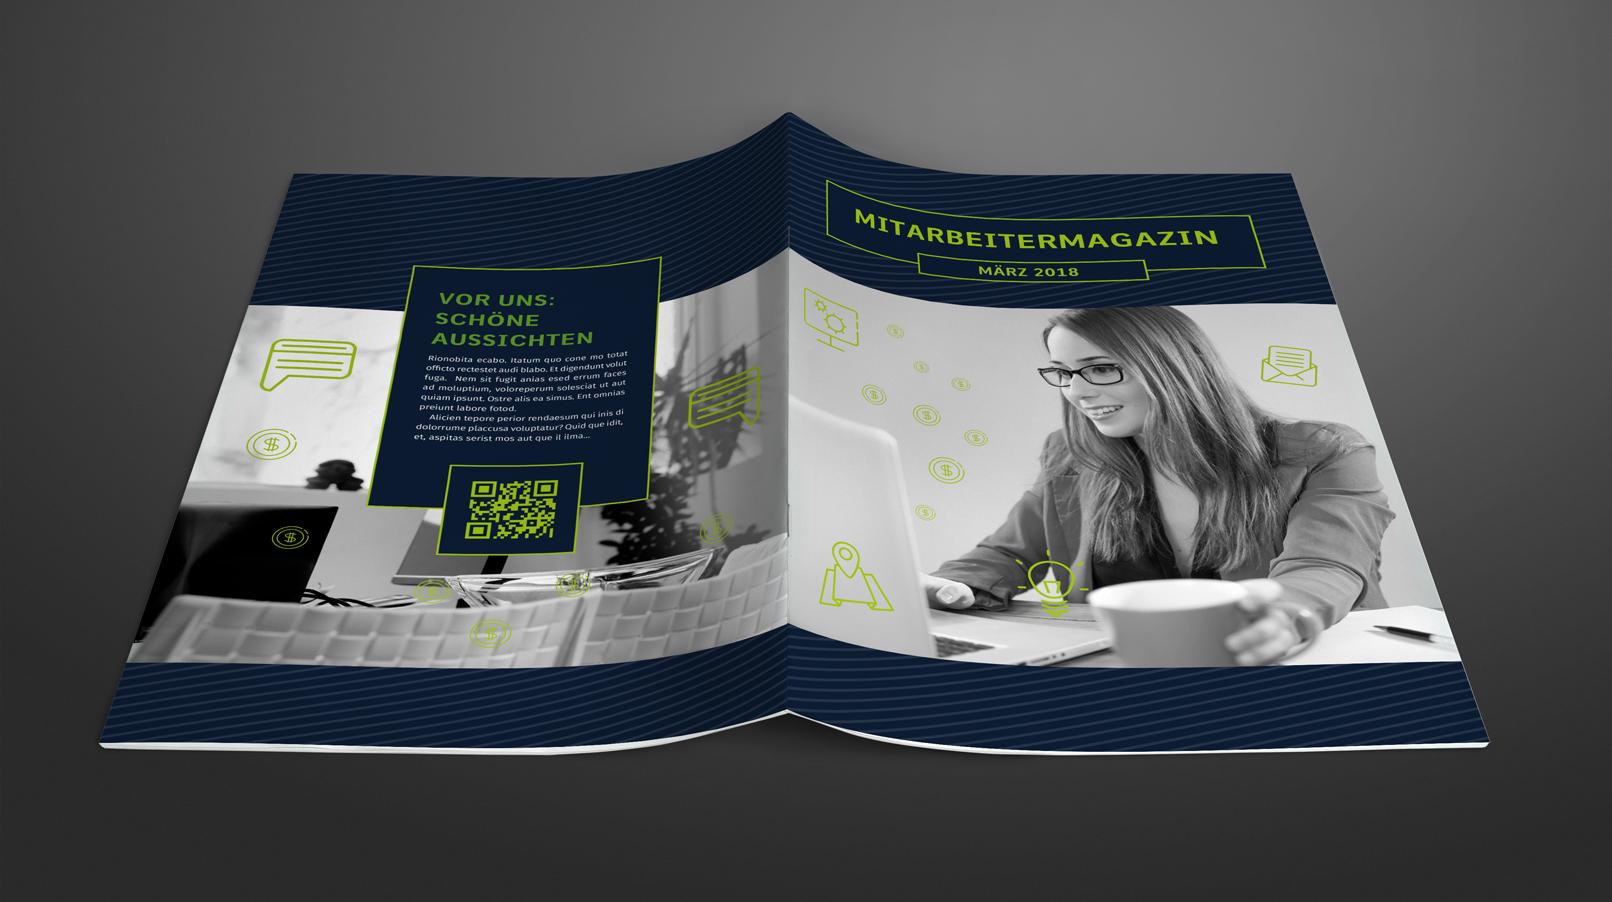 Vorlage zum Gestalten einer Mitarbeiterzeitung im Hochformat DIN A4